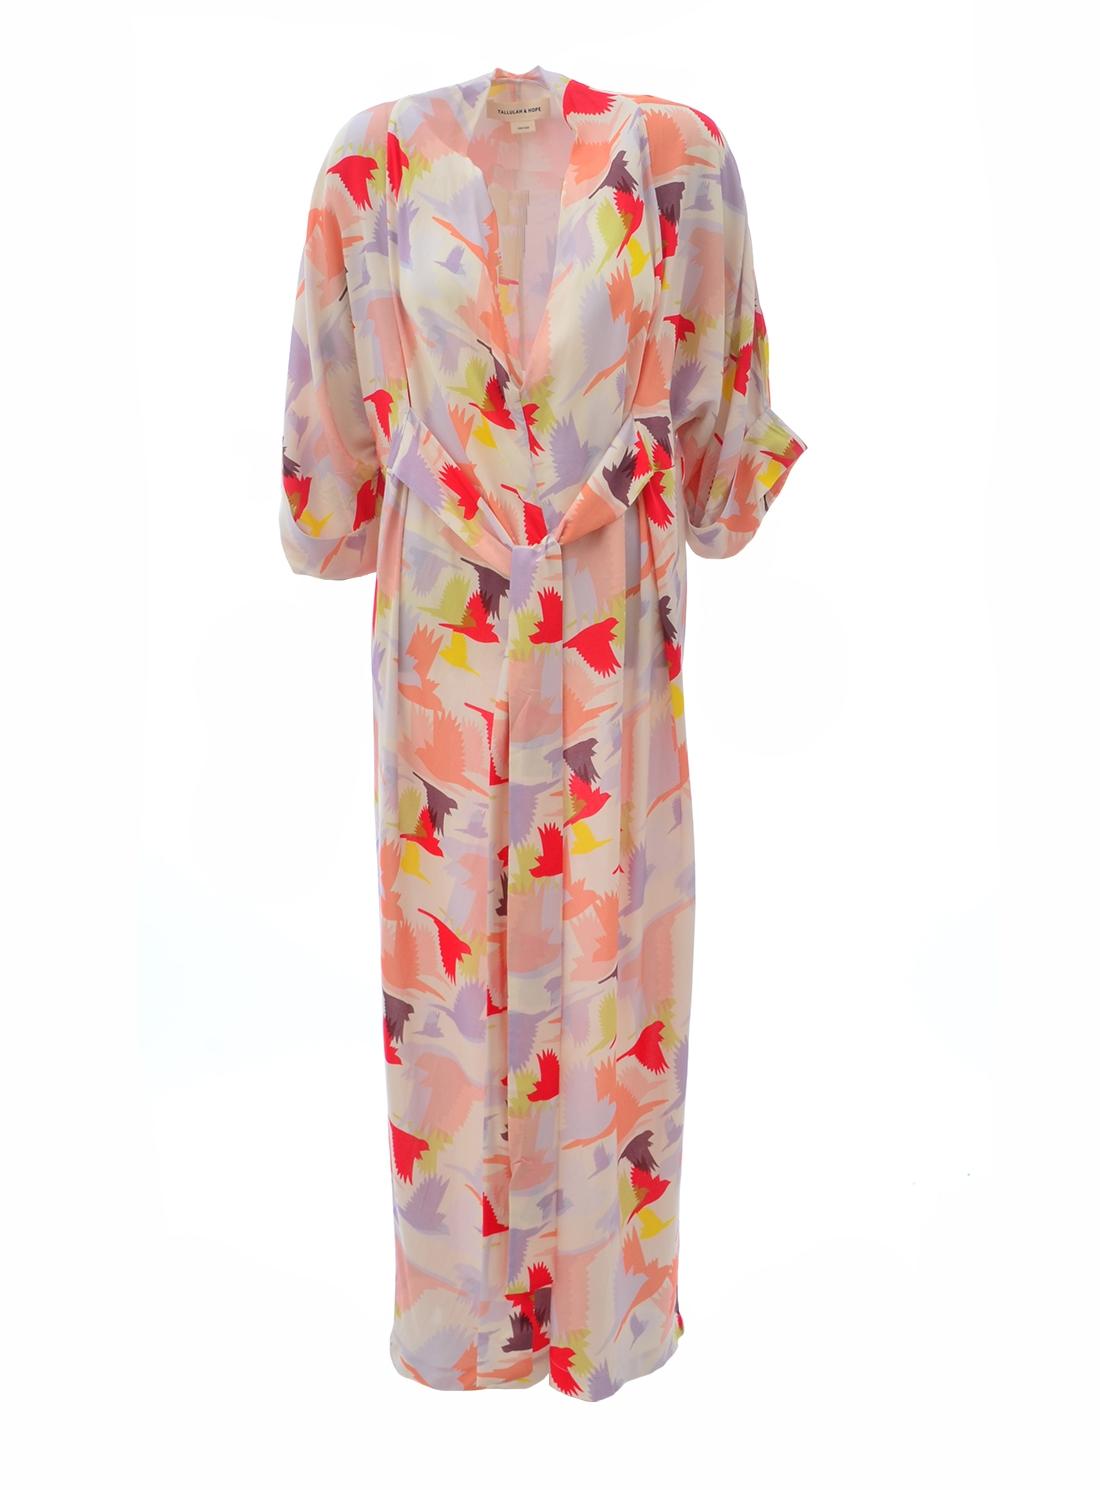 GLORIA KIMONO DRESS. Doves - Last one by Tallulah & Hope